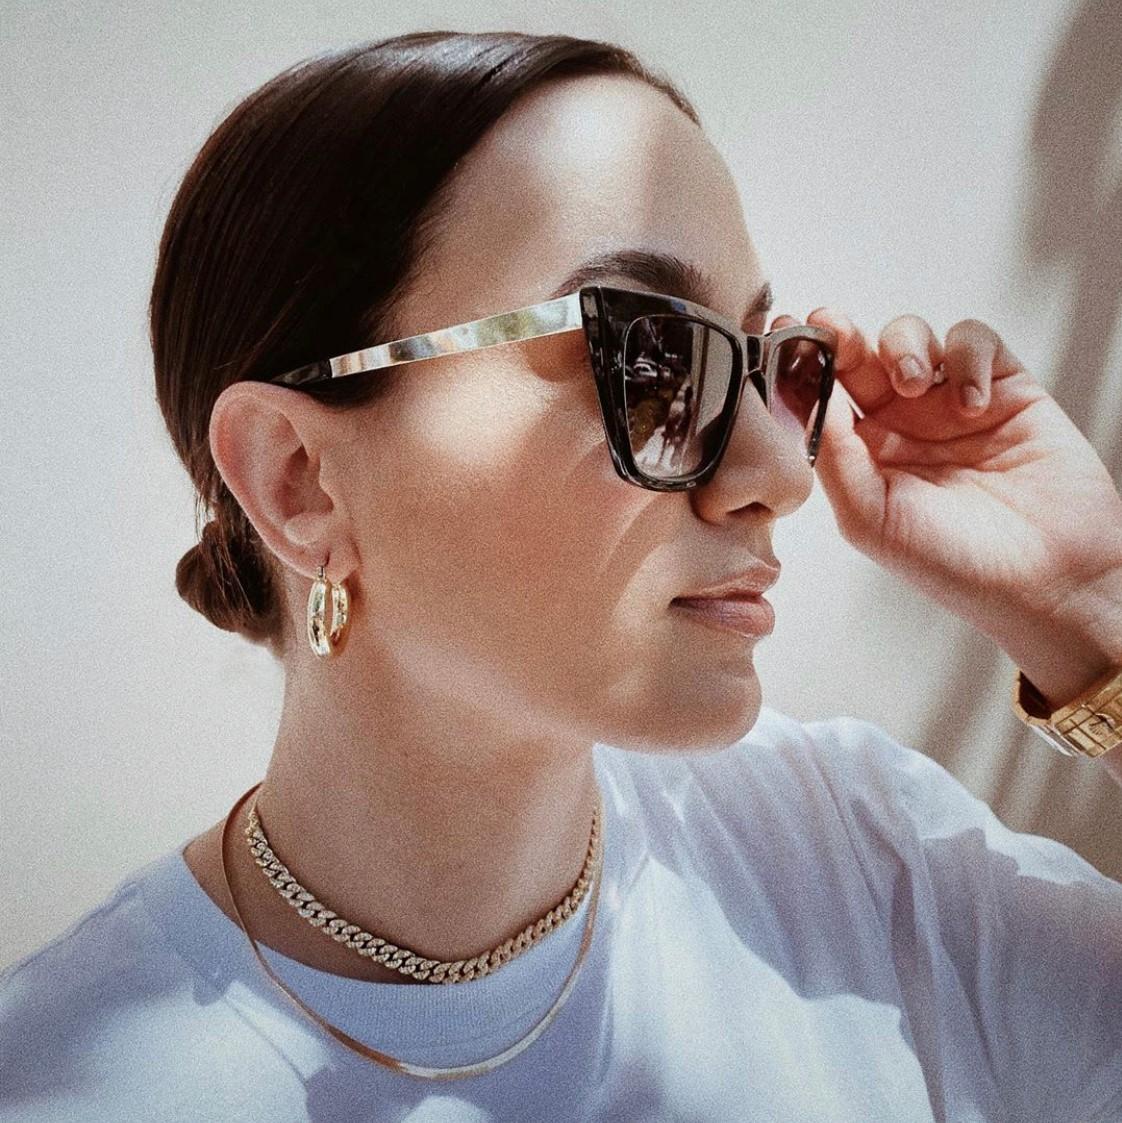 Woman with sunglasses wearing Cuban Choker